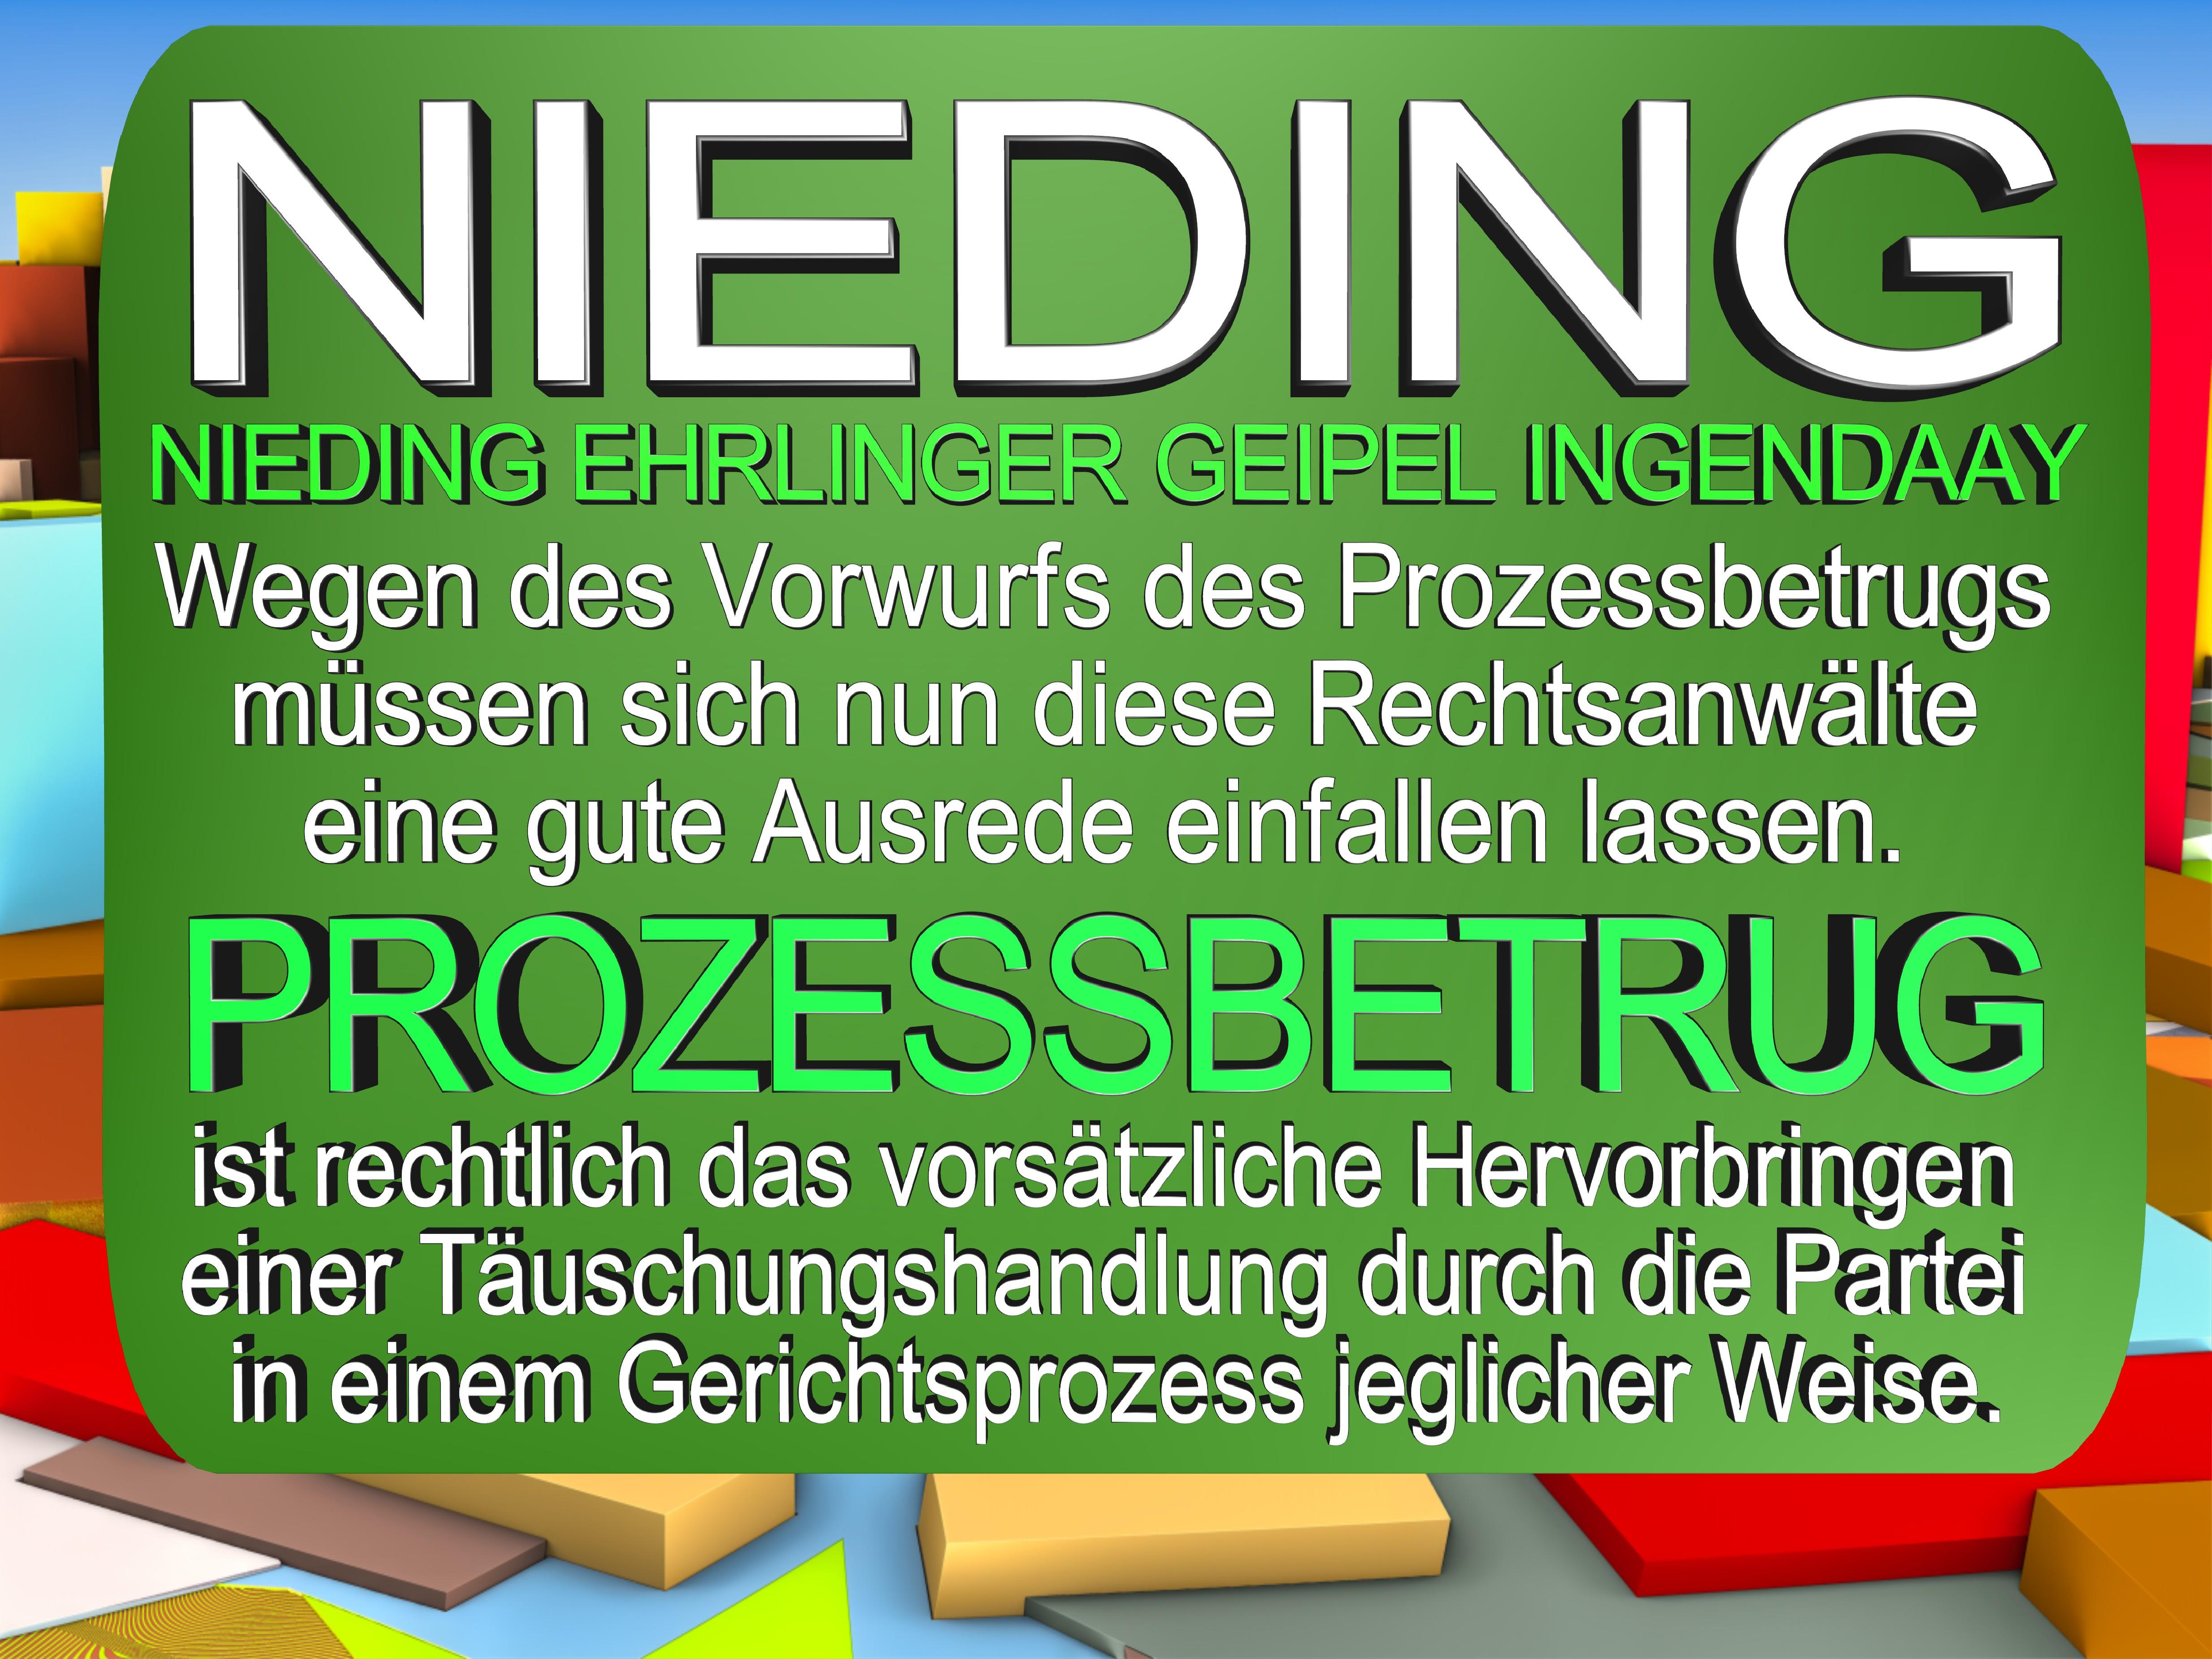 NIEDING EHRLINGER GEIPEL INGENDAAY LELKE Kurfürstendamm 66 Berlin (114)